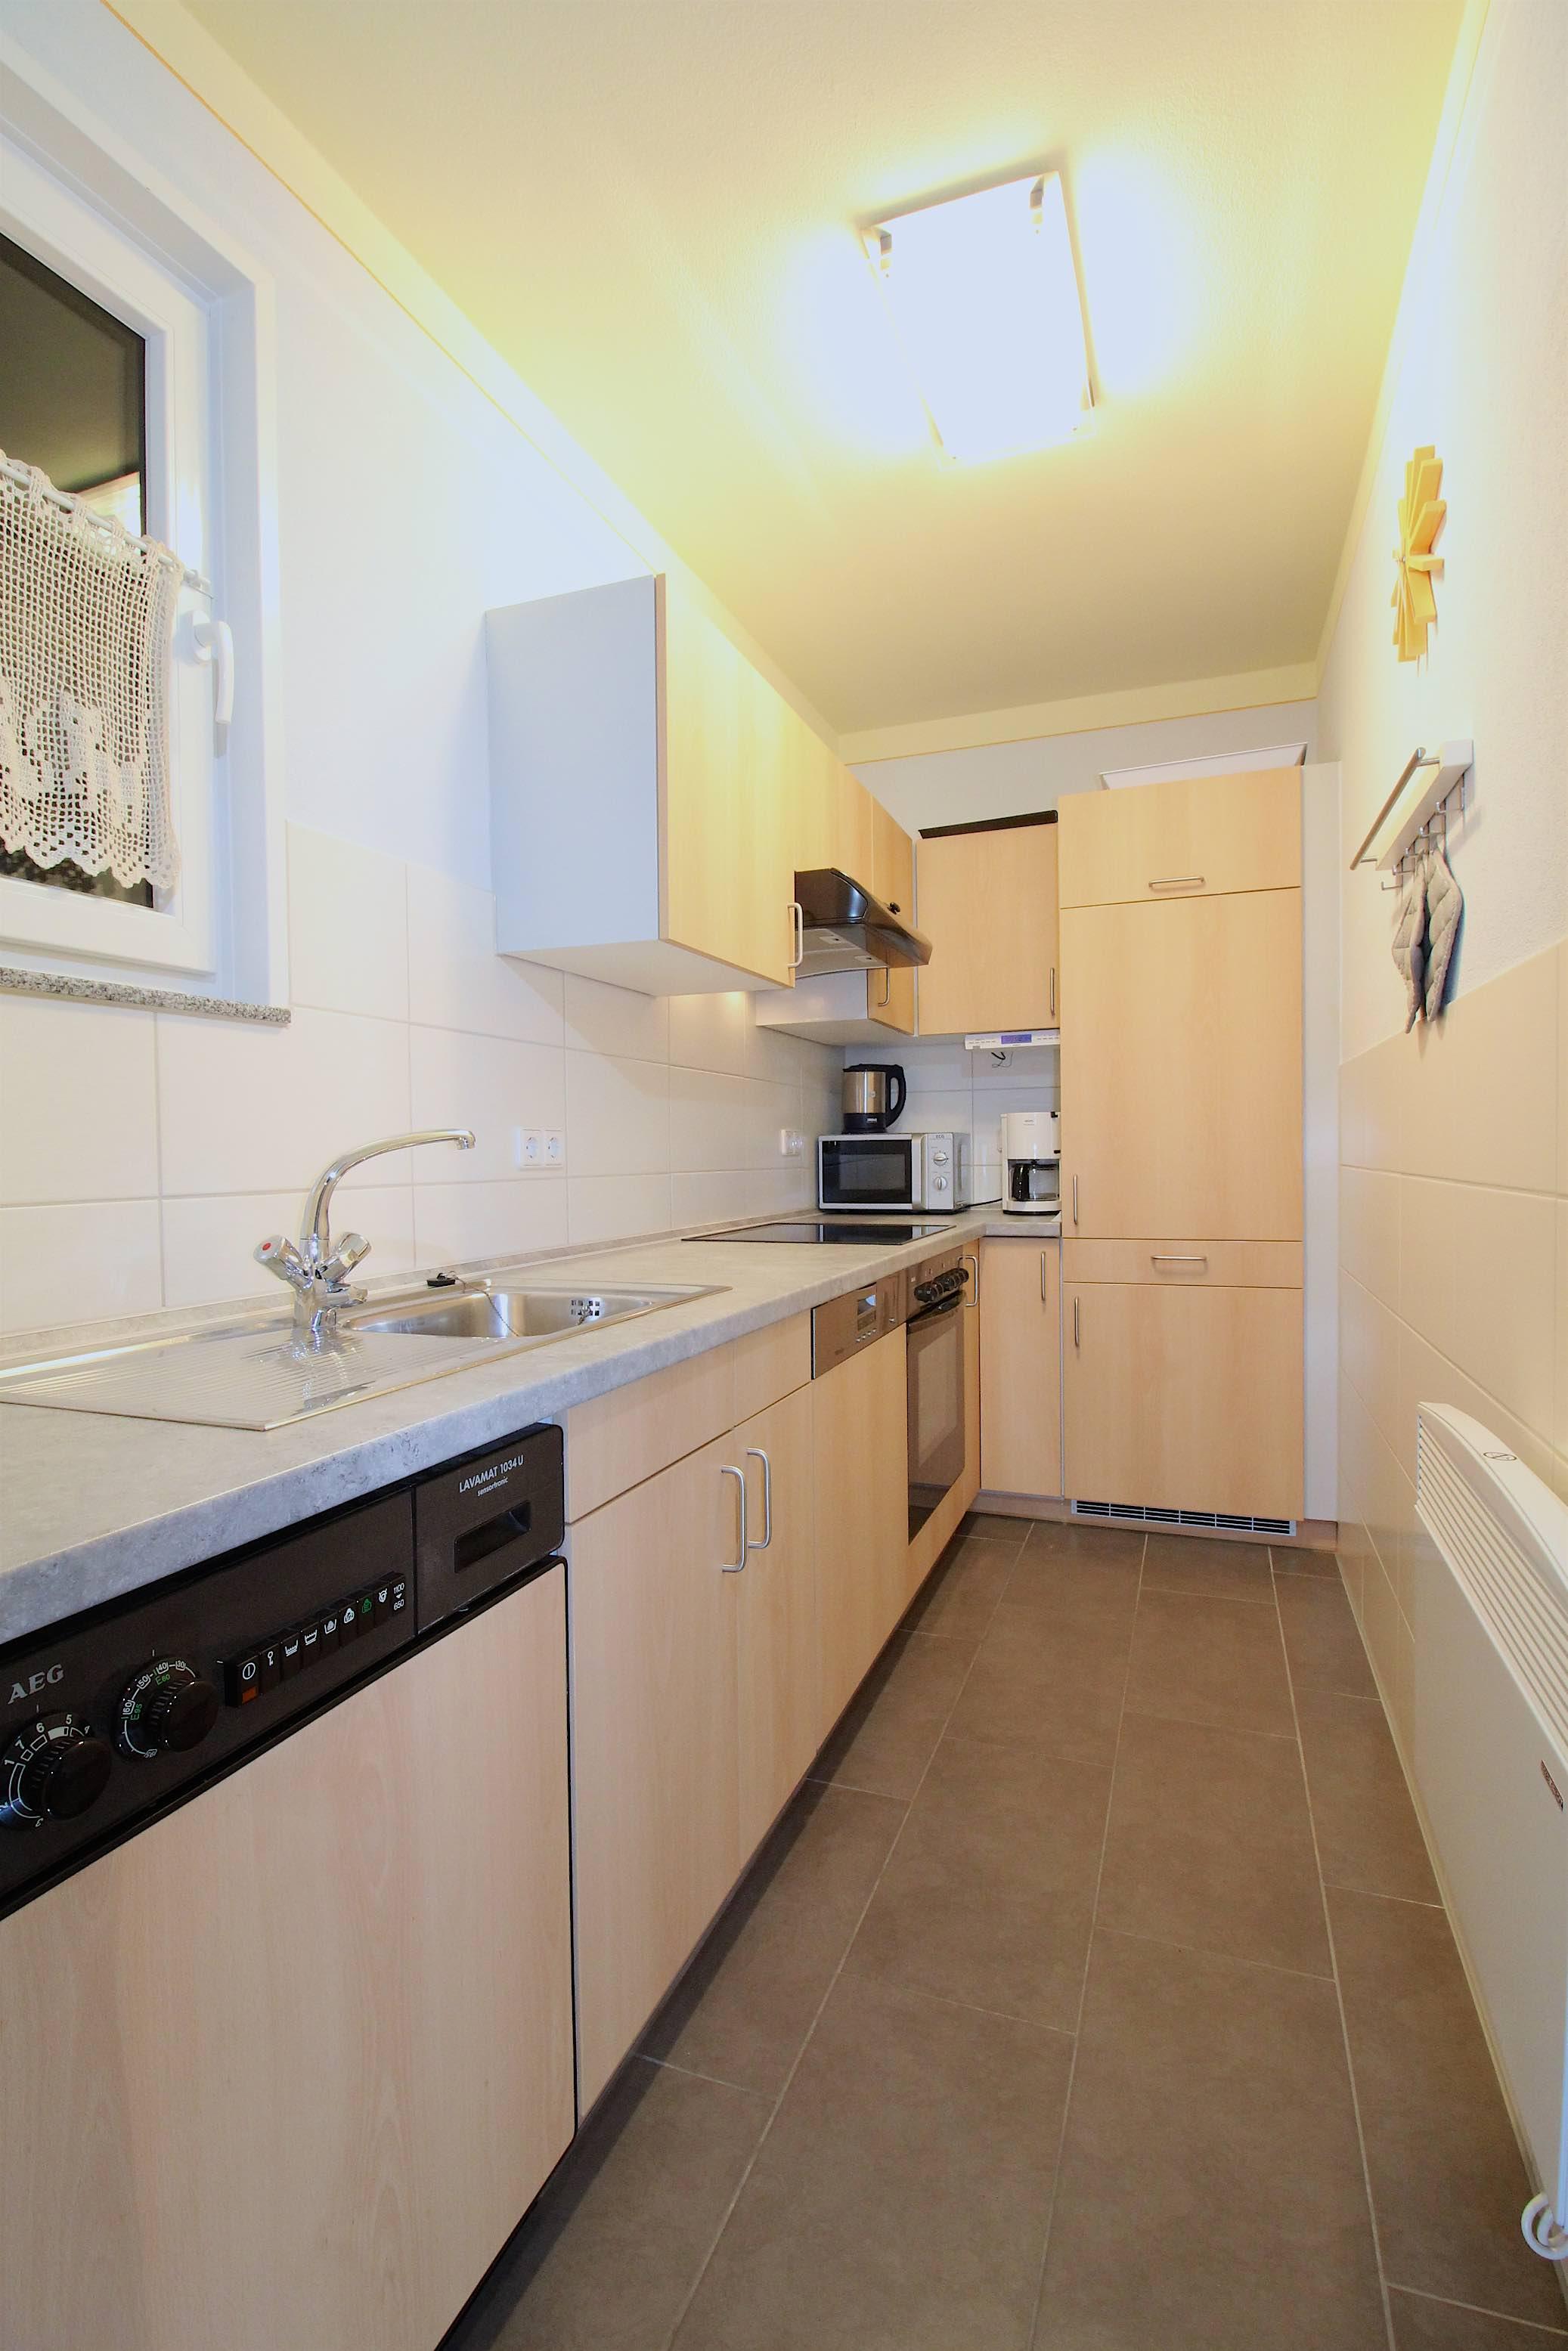 Küche:Hochwertige Küche mit Spülmaschine, Waschmaschine, Cerankochfeld und Umluft Herd.